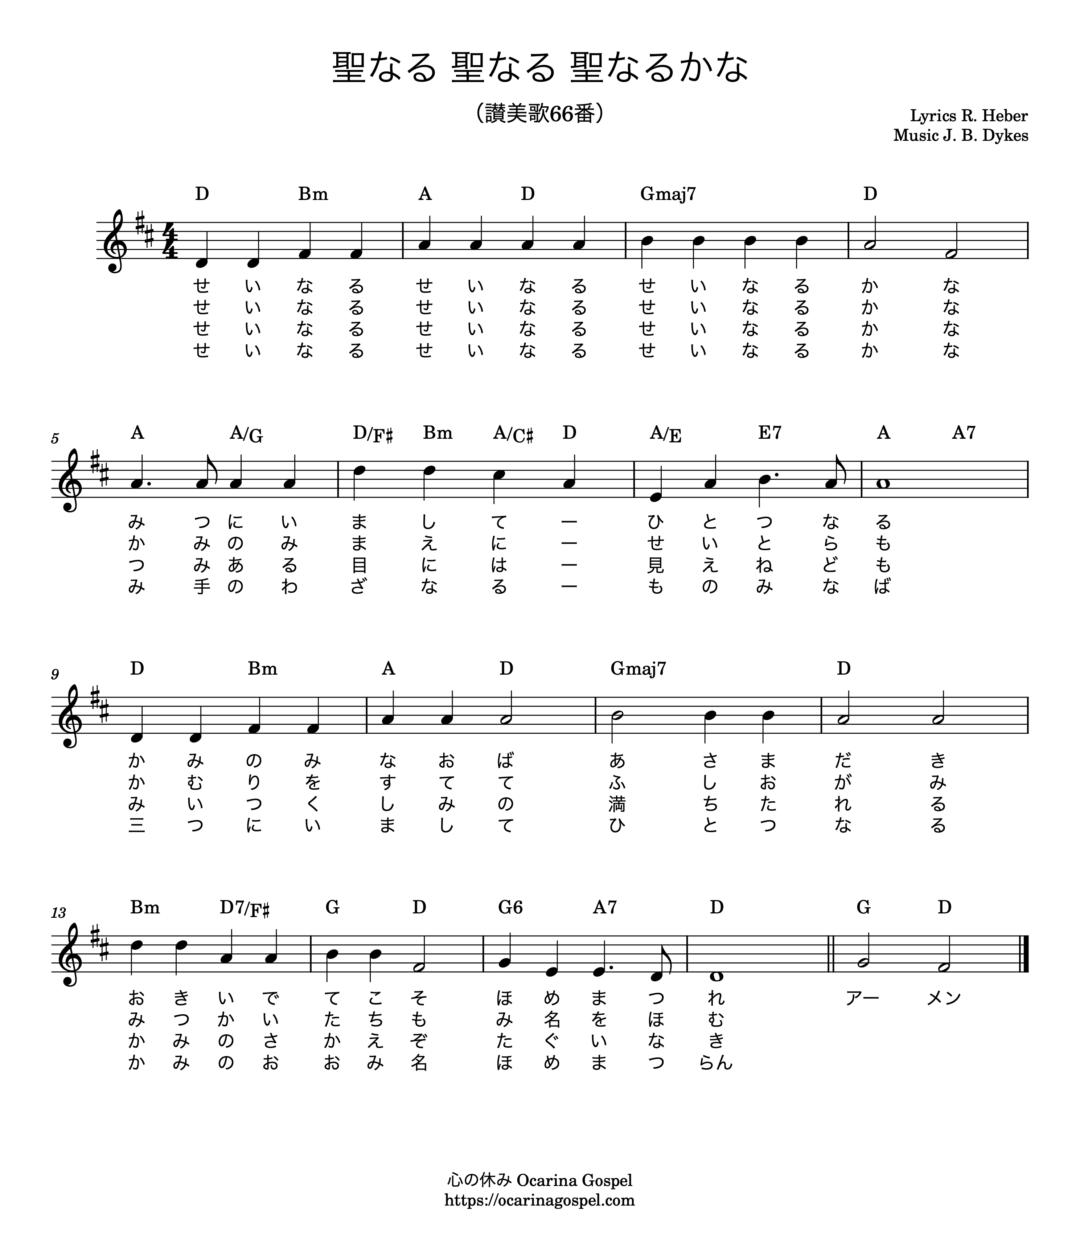 聖なる聖なる聖なるかな 楽譜